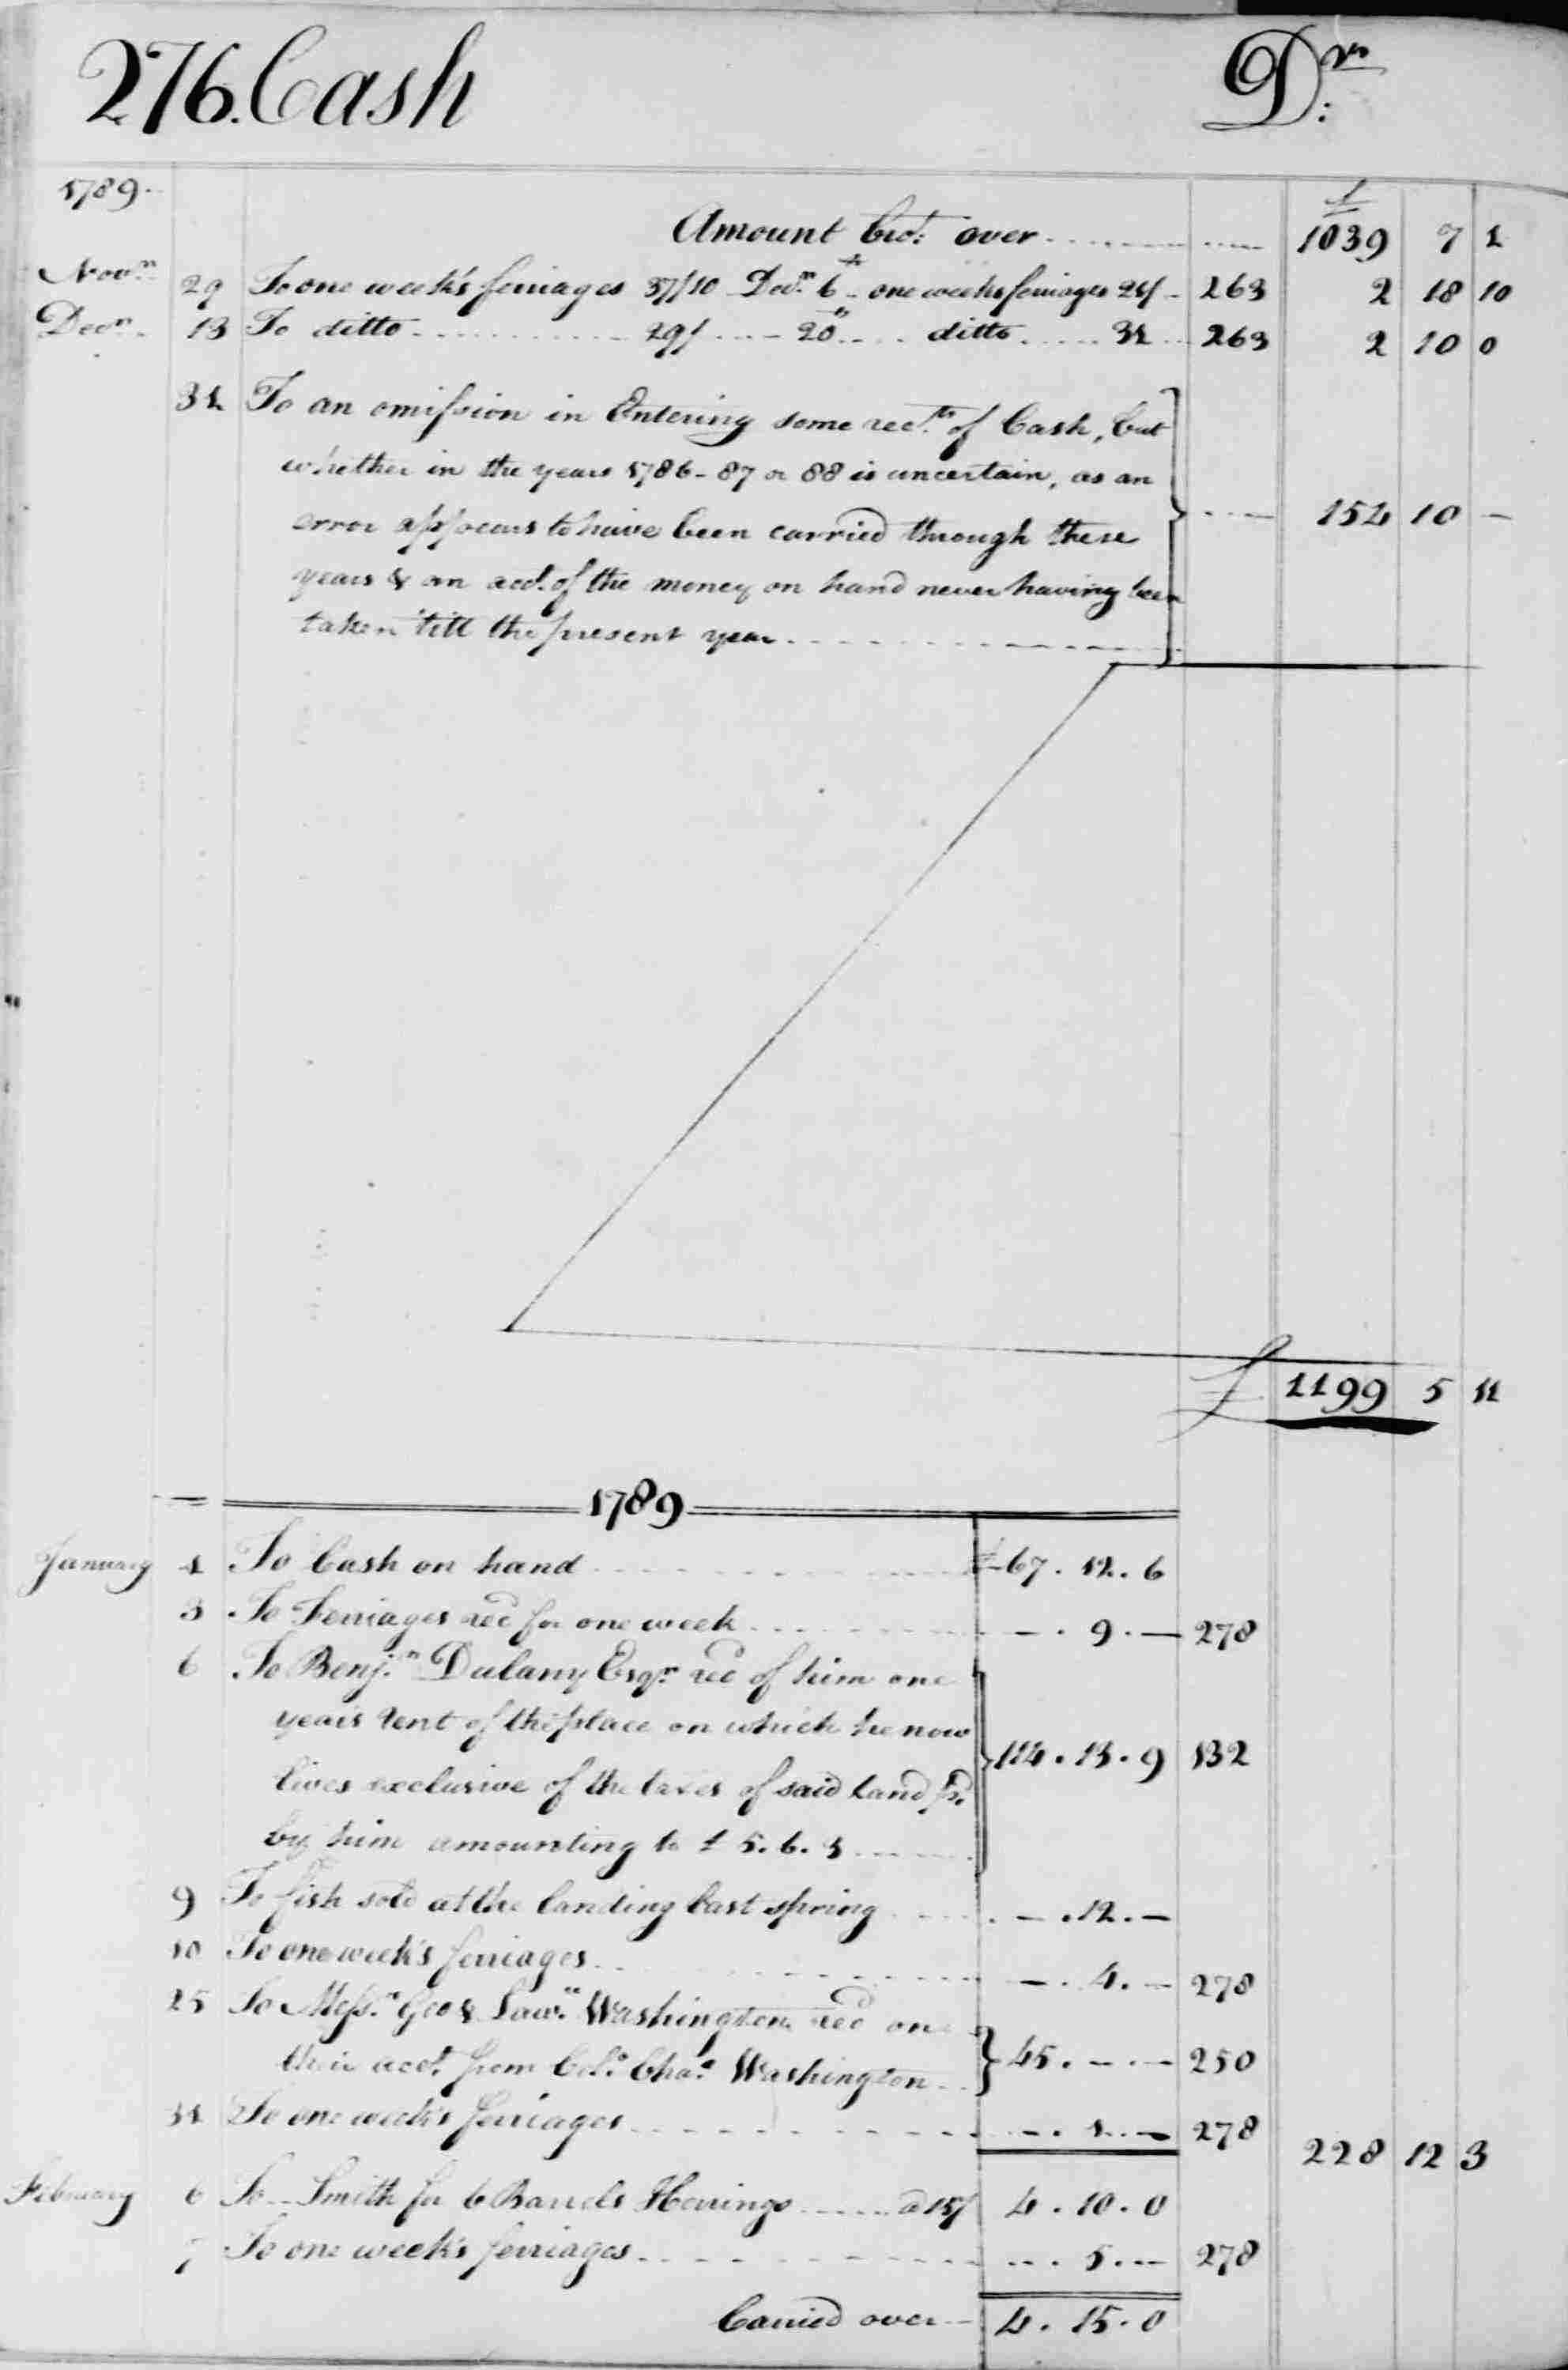 Ledger B, folio 276, left side